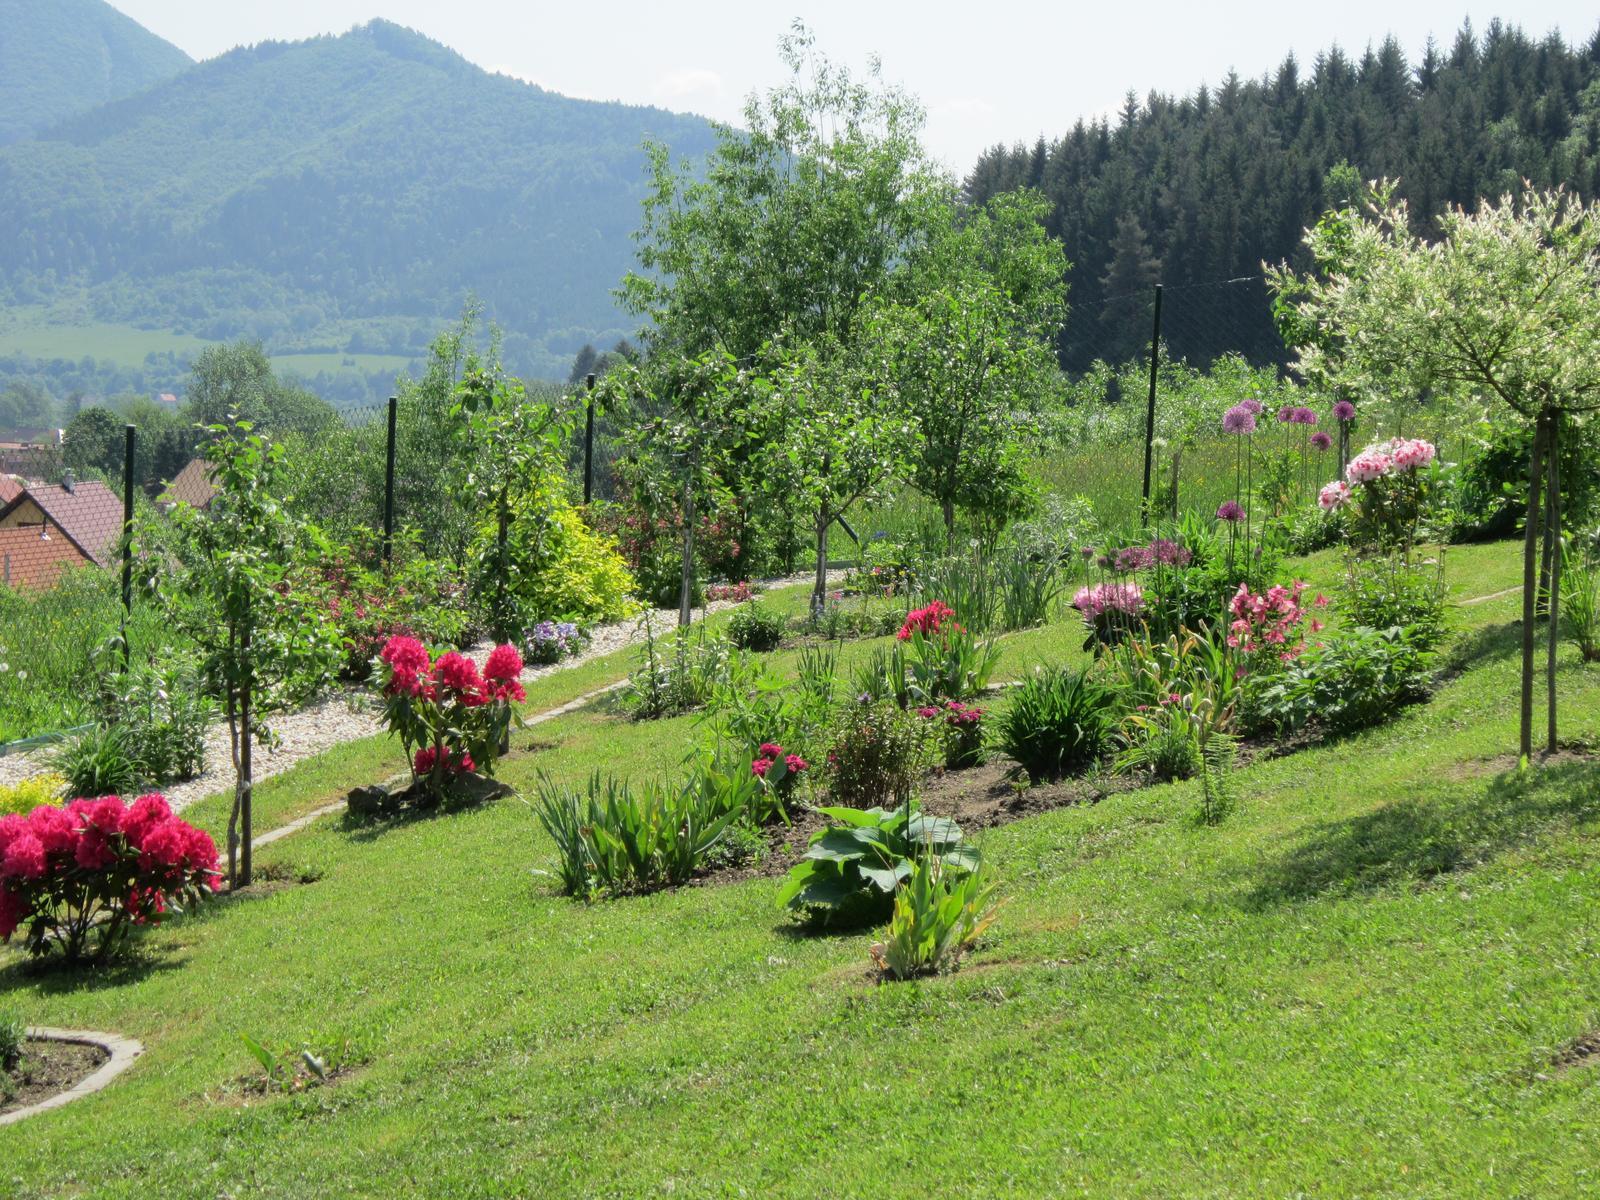 Moja záhrada...ako šiel čas - Obrázok č. 51